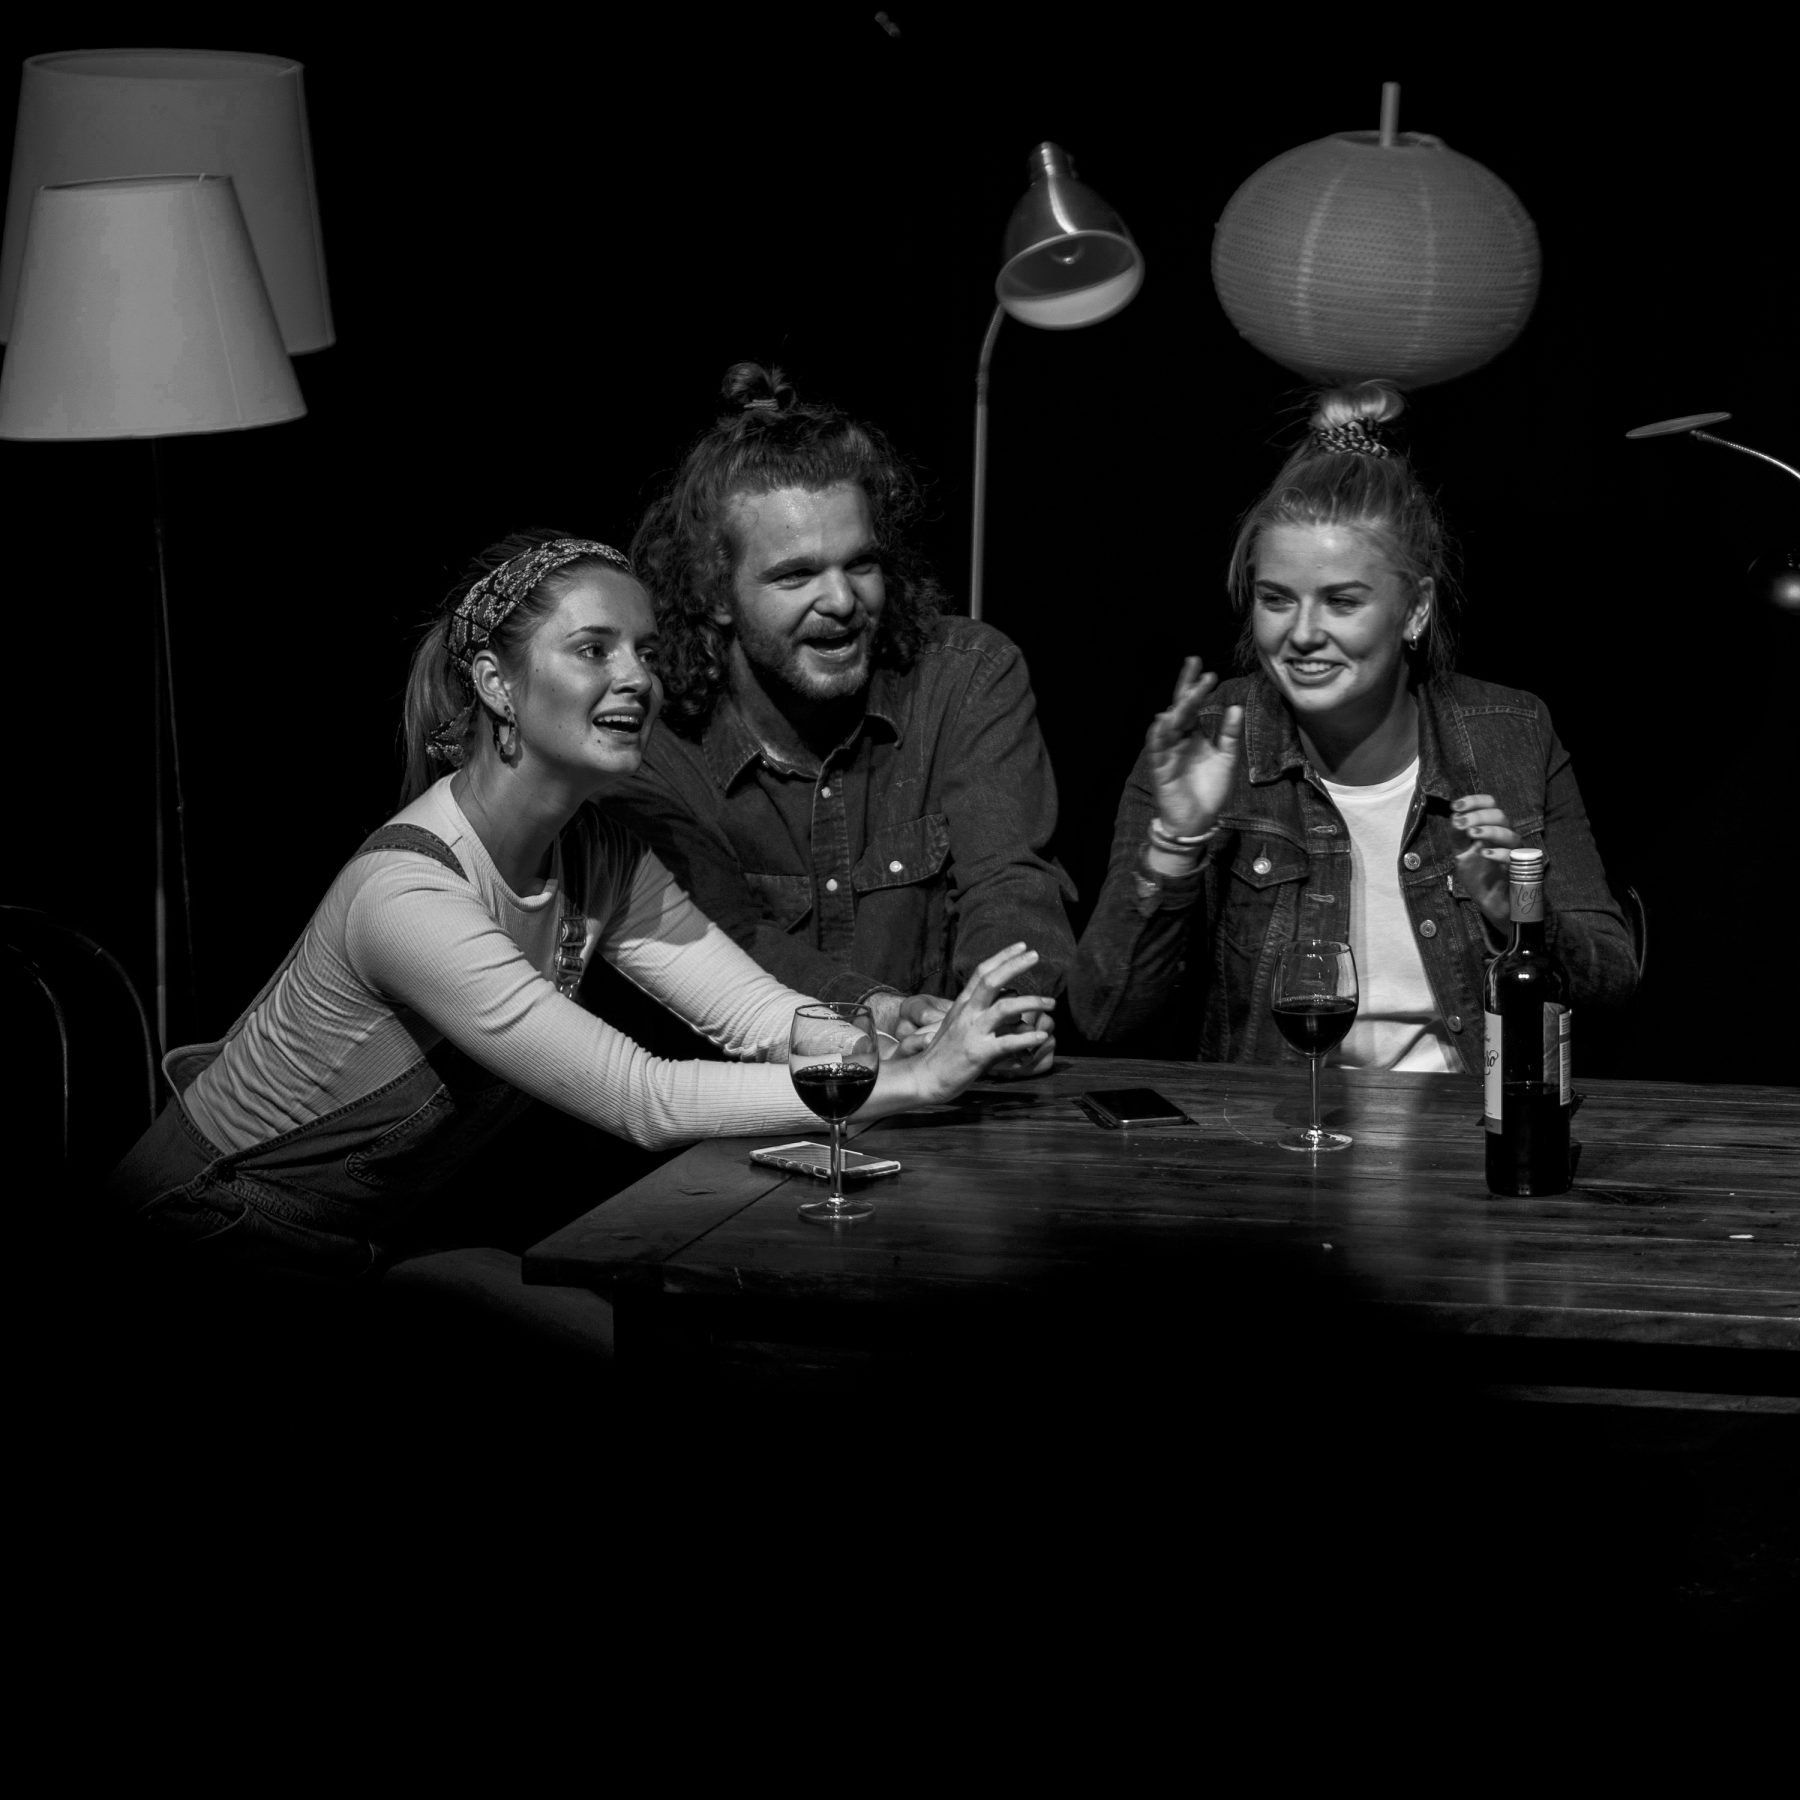 Teaterfotografering - Den sidste nadver på Vildskud 2019 teaterfestival